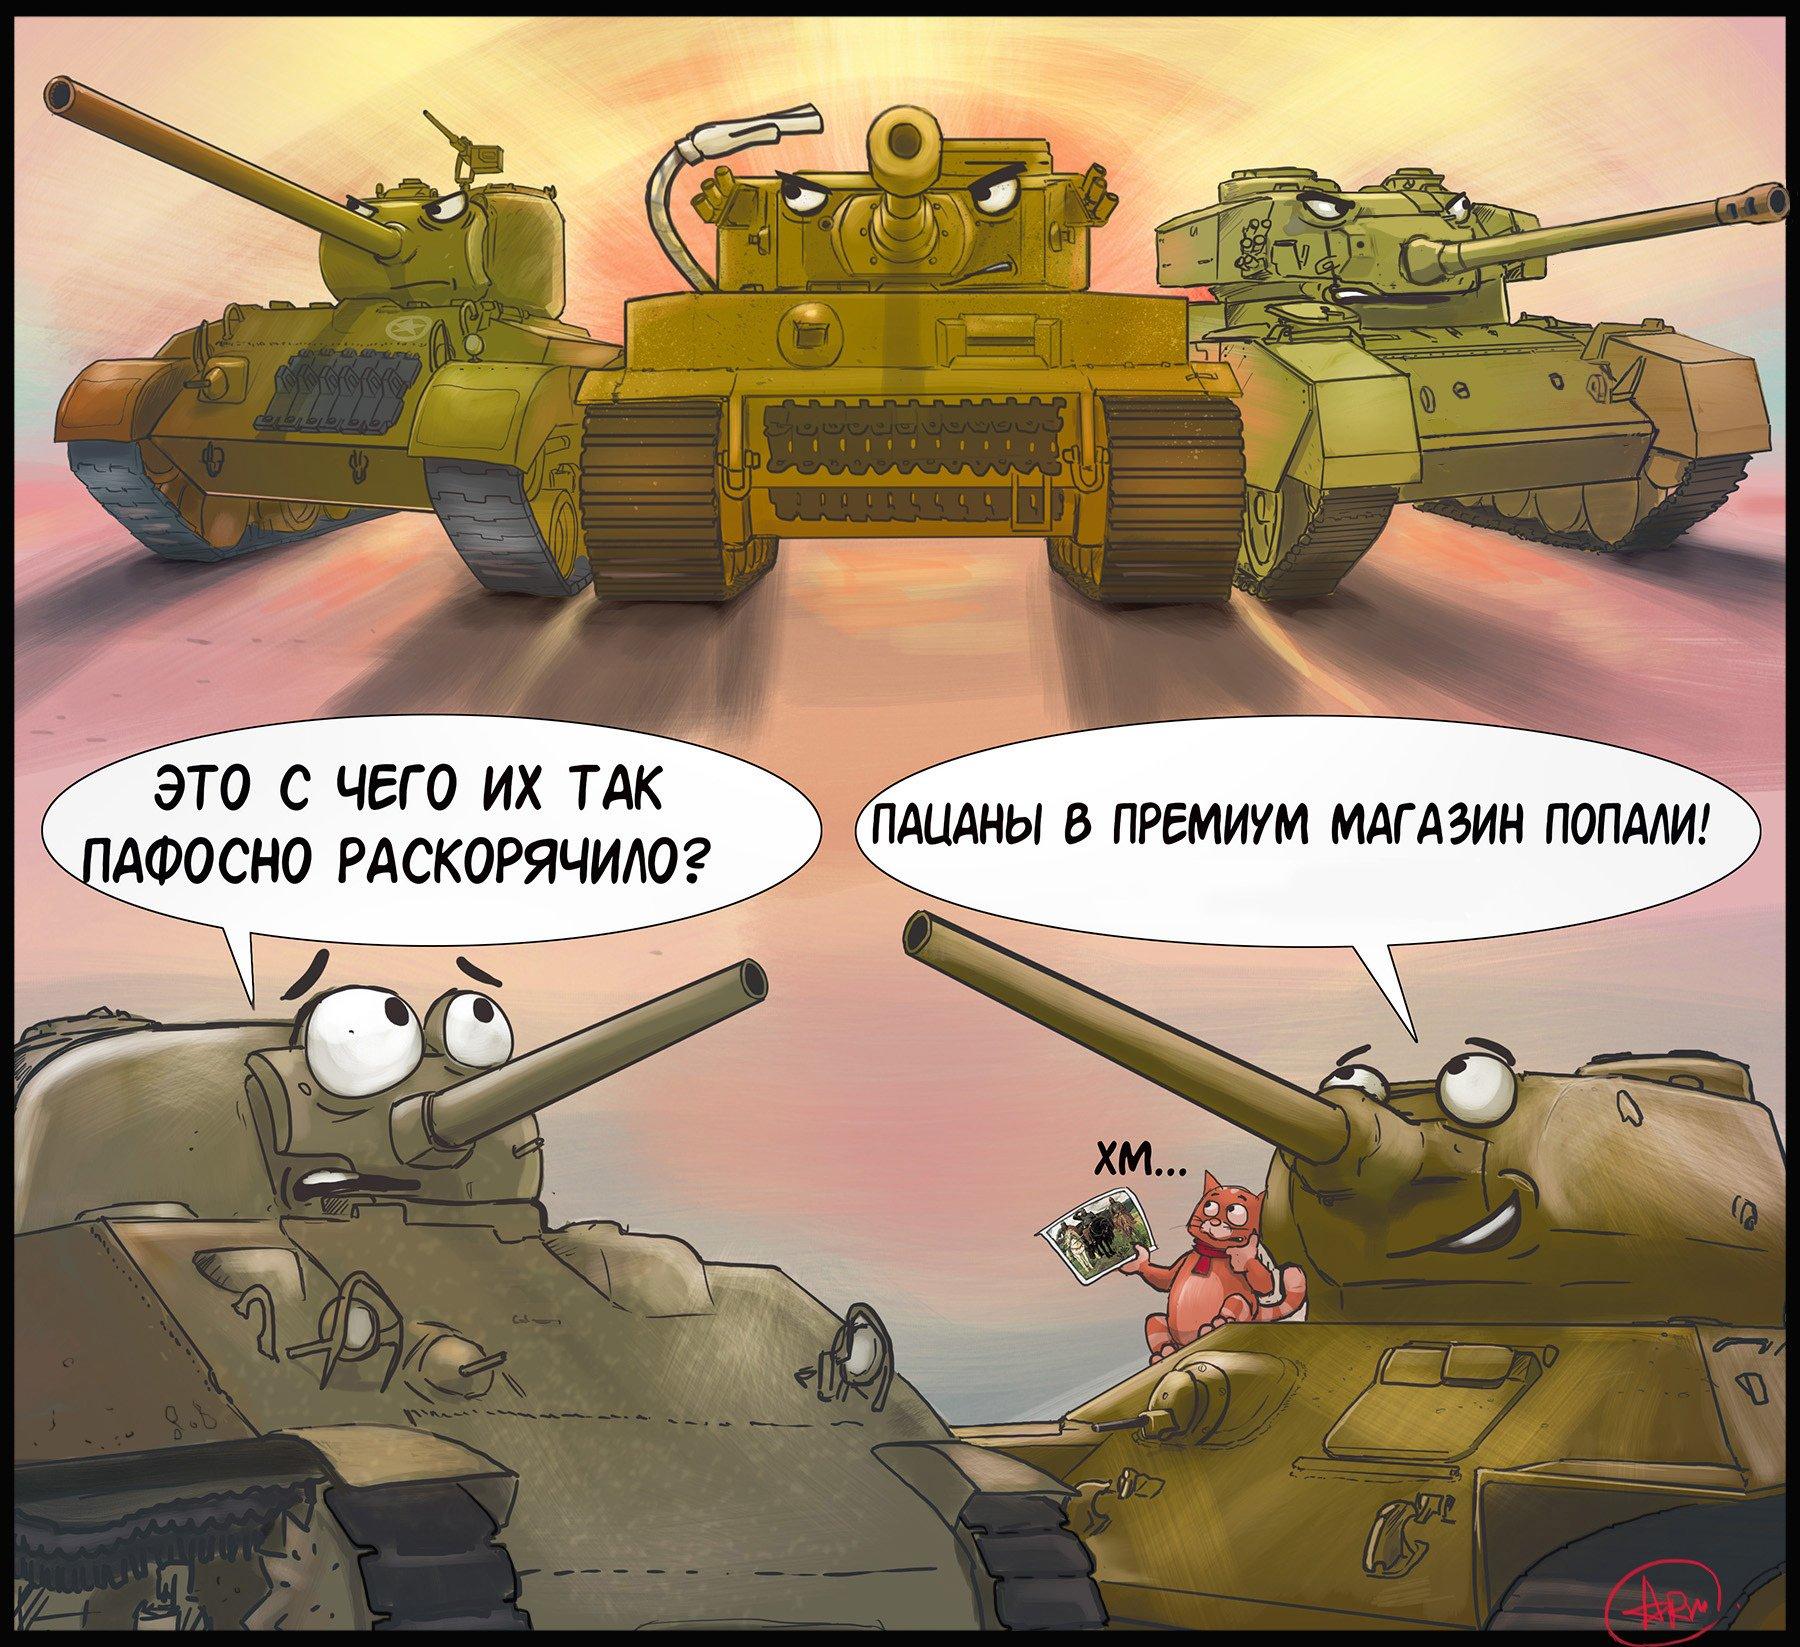 Картинки приколов про танки, скорпионы смешные красивые